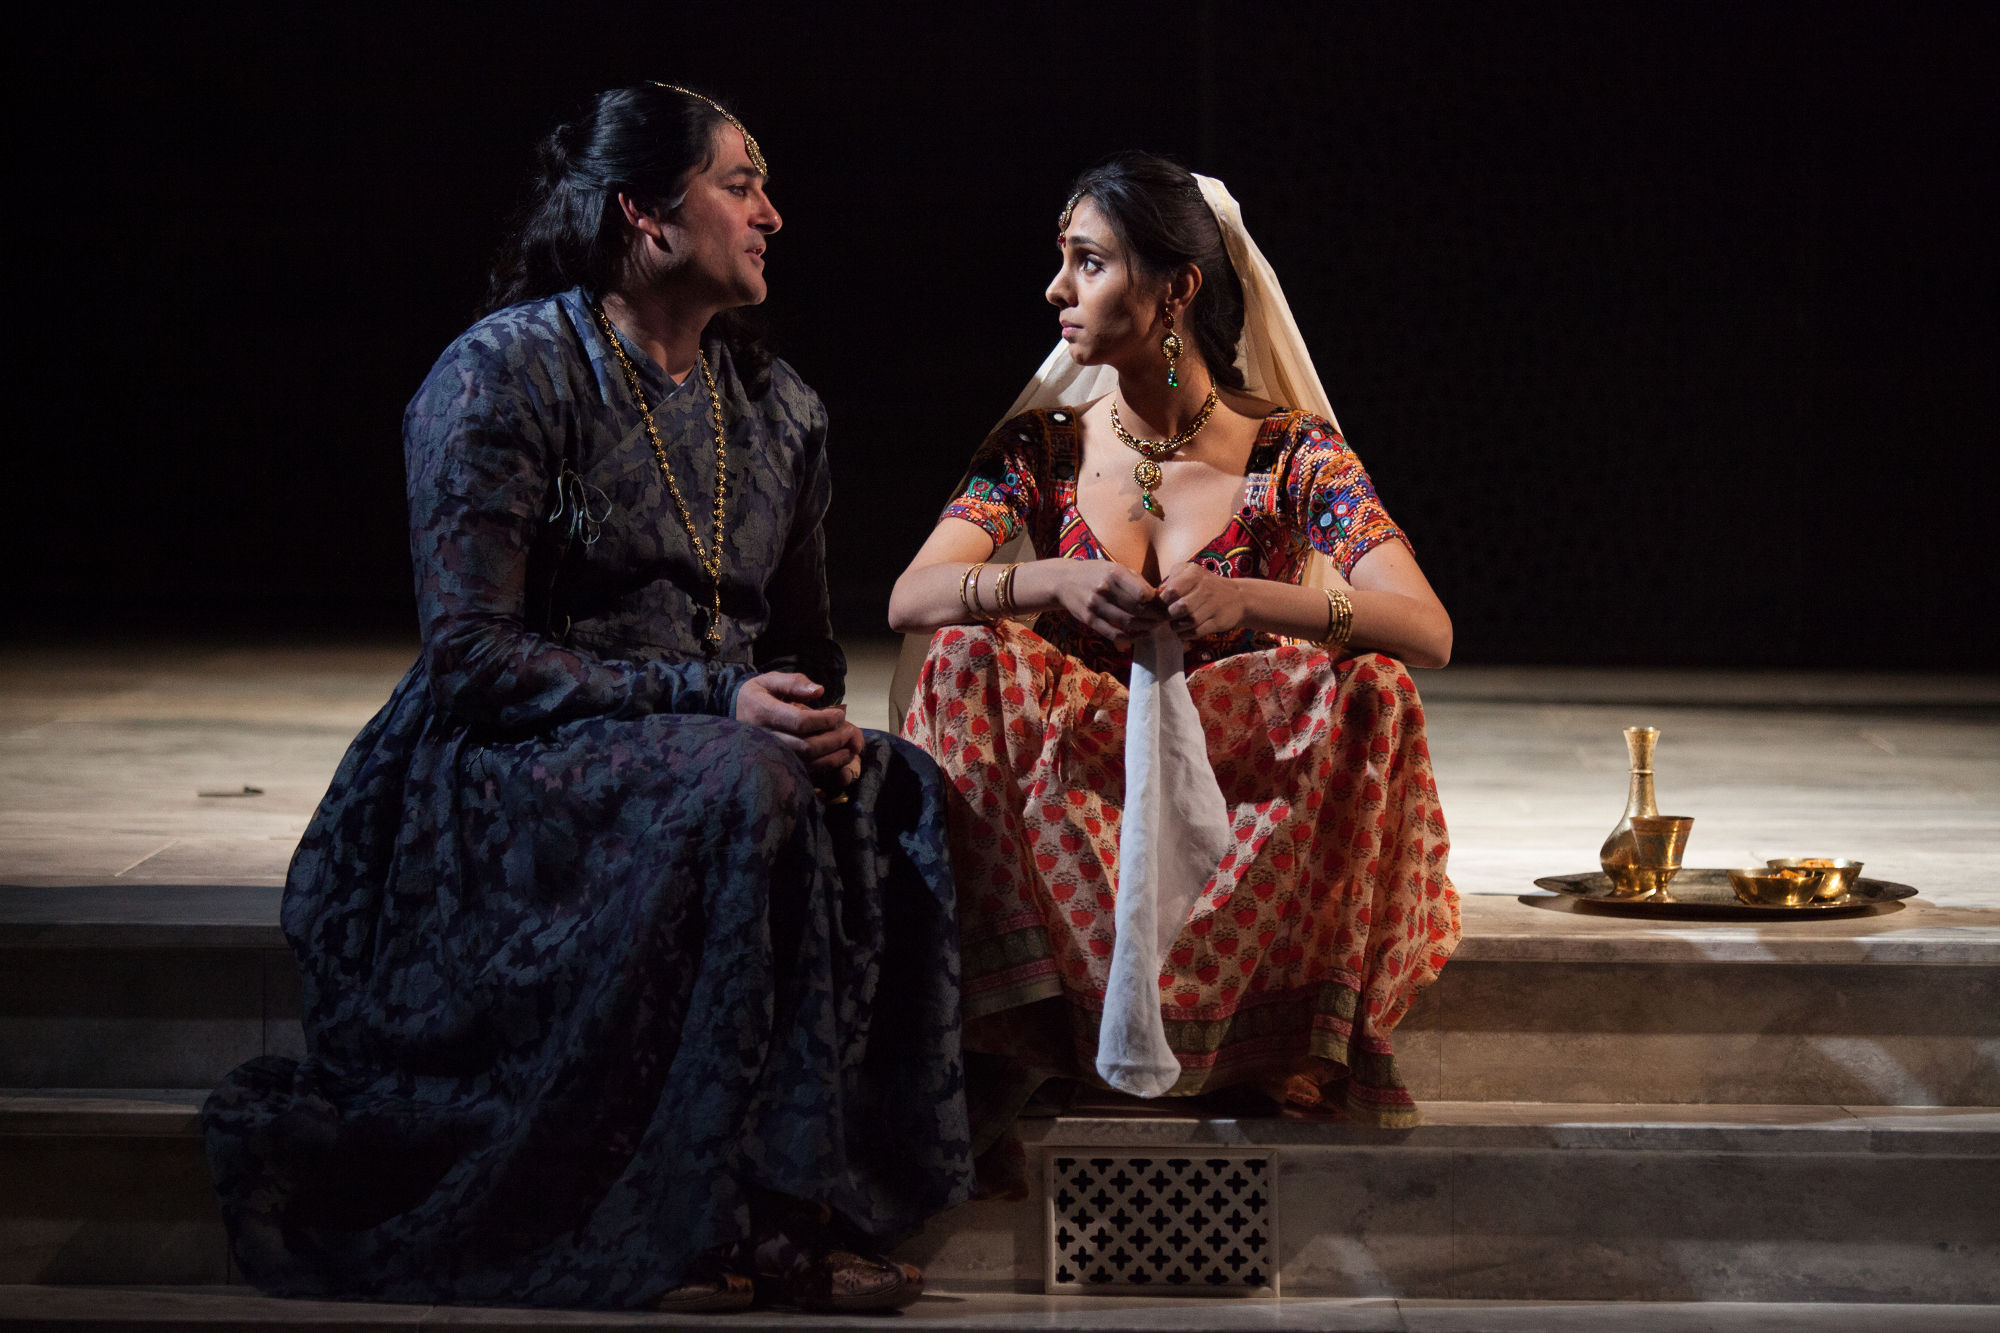 Chook Sibtain as Itbar and Anjli Mohindra as Afia by Ellie Kurttz